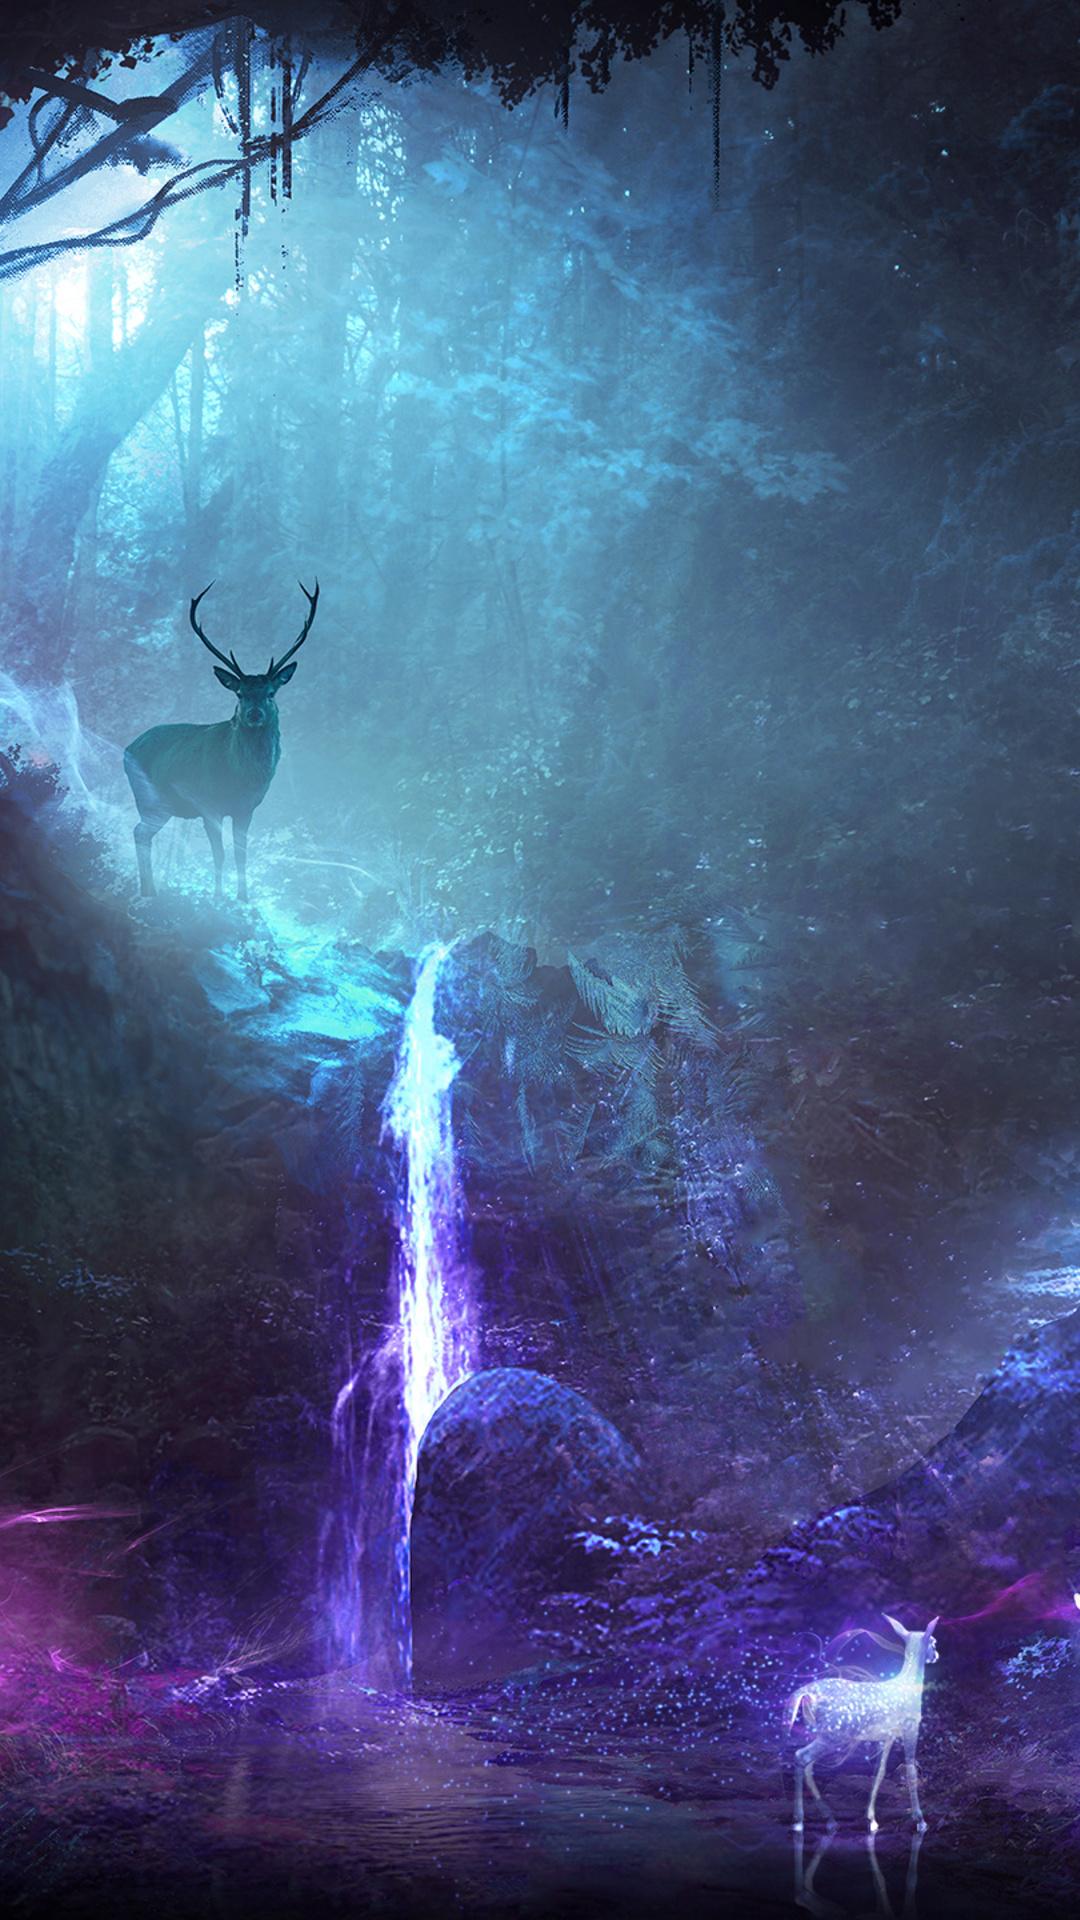 deer-animal-night-fantasy-waterfall-65.jpg